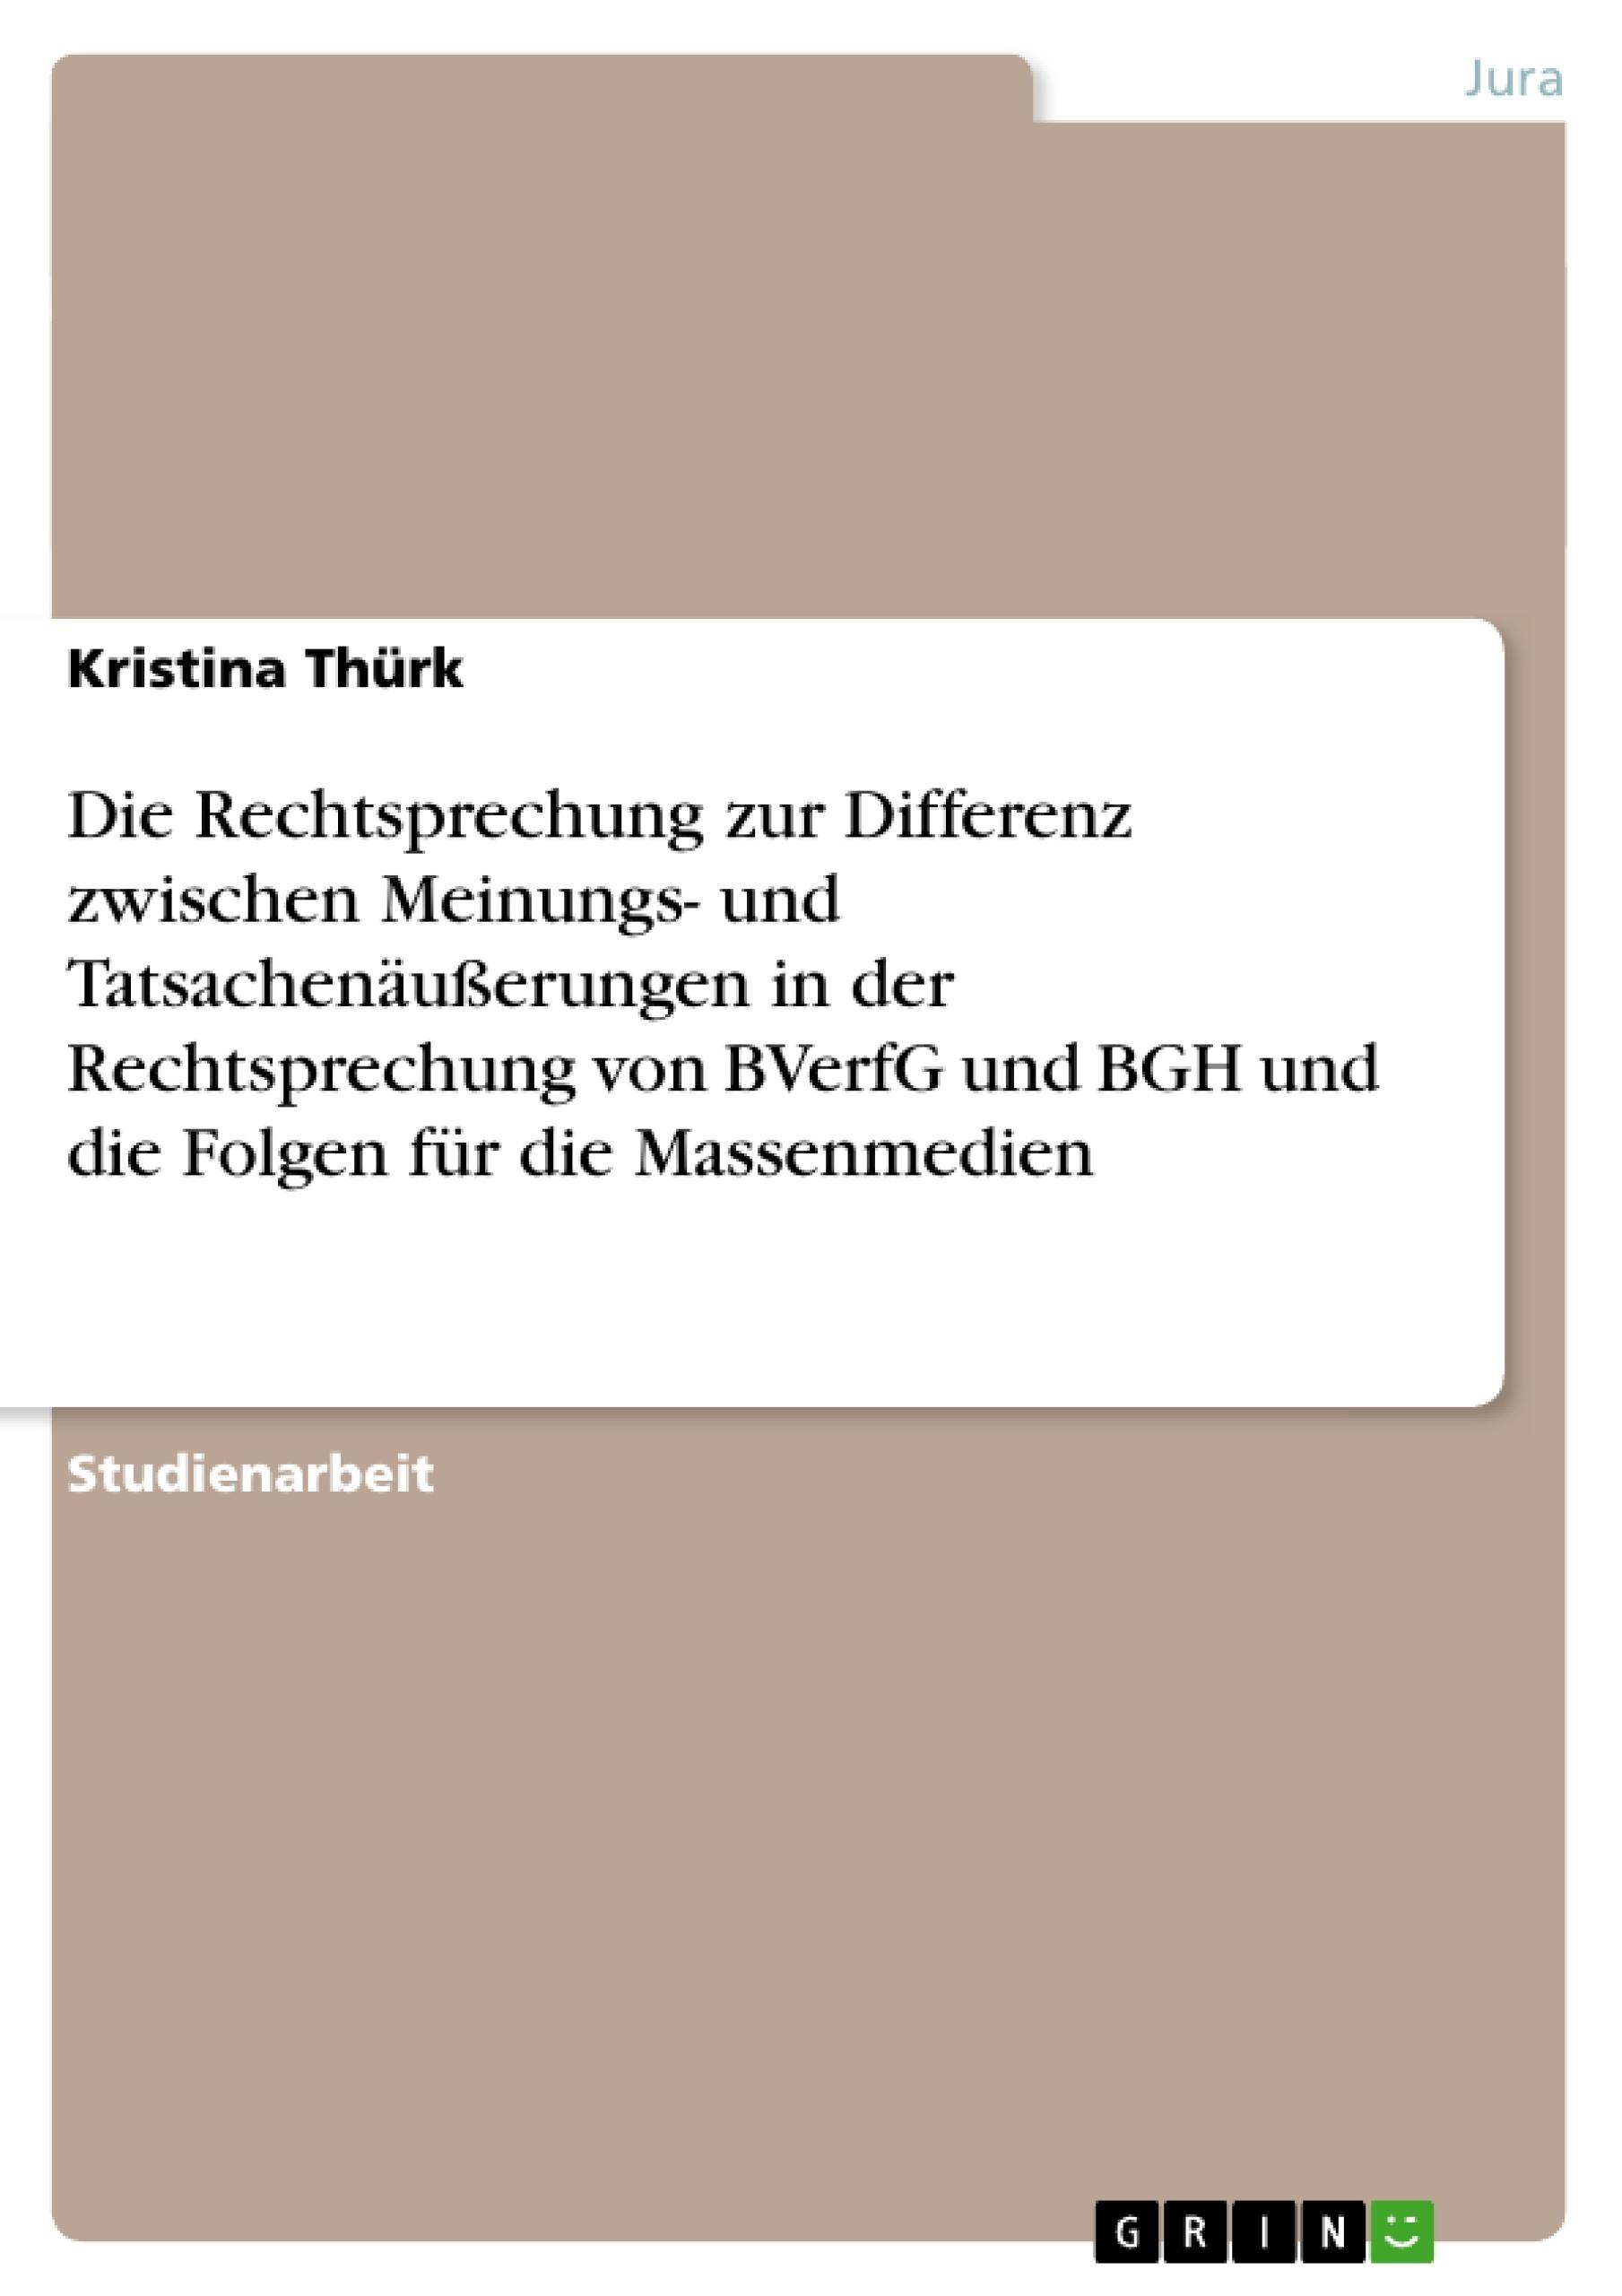 Titel: Die Rechtsprechung zur Differenz zwischen Meinungs- und Tatsachenäußerungen in der Rechtsprechung von BVerfG und BGH und die Folgen für die Massenmedien